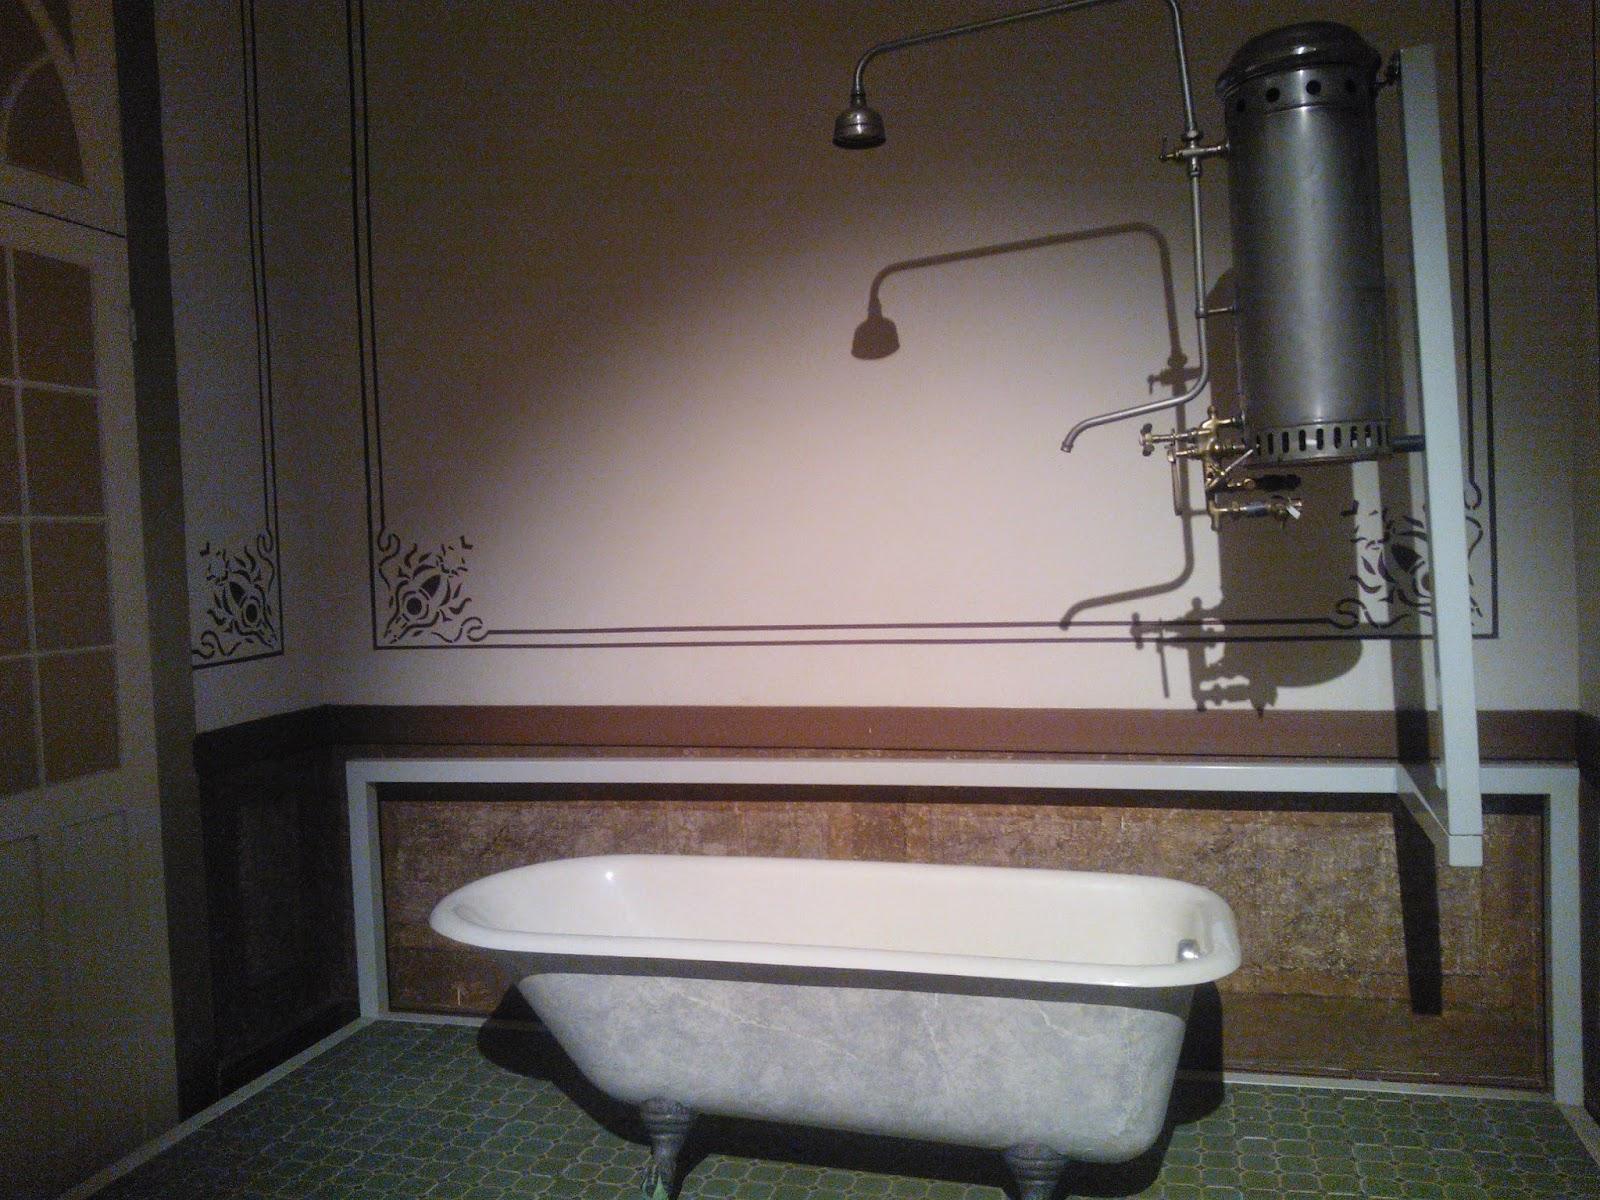 banheira com chuveiro a gás antido do Museu da Energia, Itu-SP